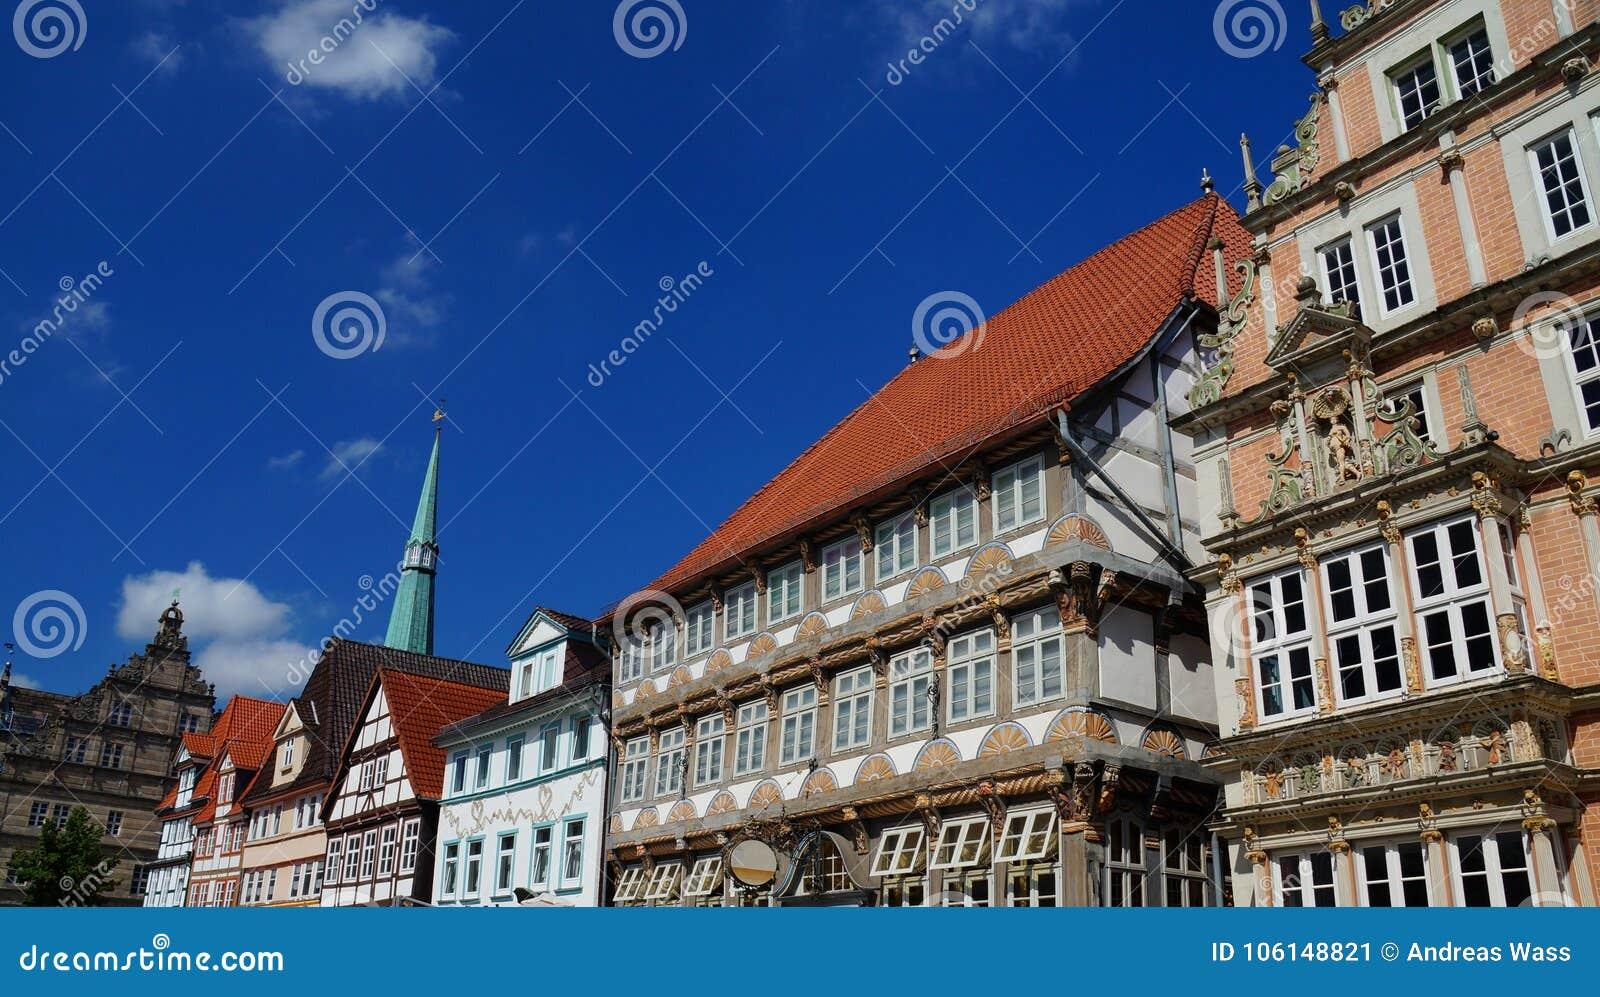 Centro histórico de Hameln: colorido pintado de entramado de madera y edificios del estilo del renacimiento